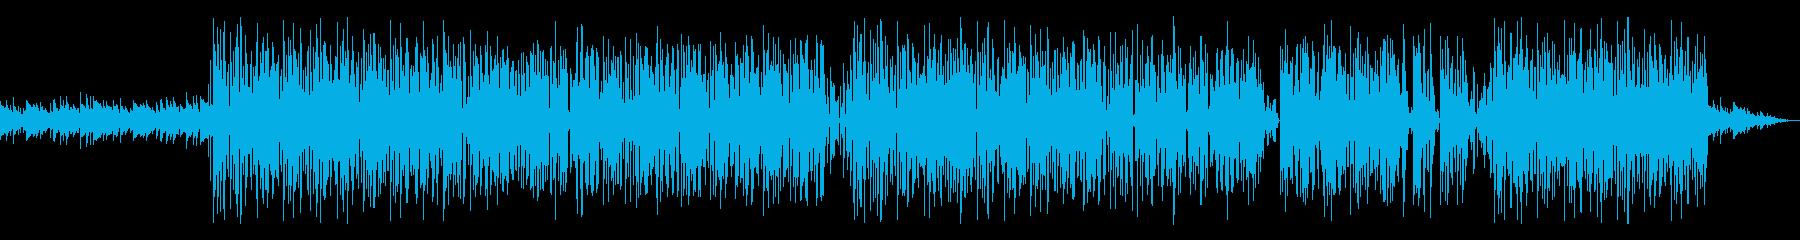 2015年12月3日、Philli...の再生済みの波形